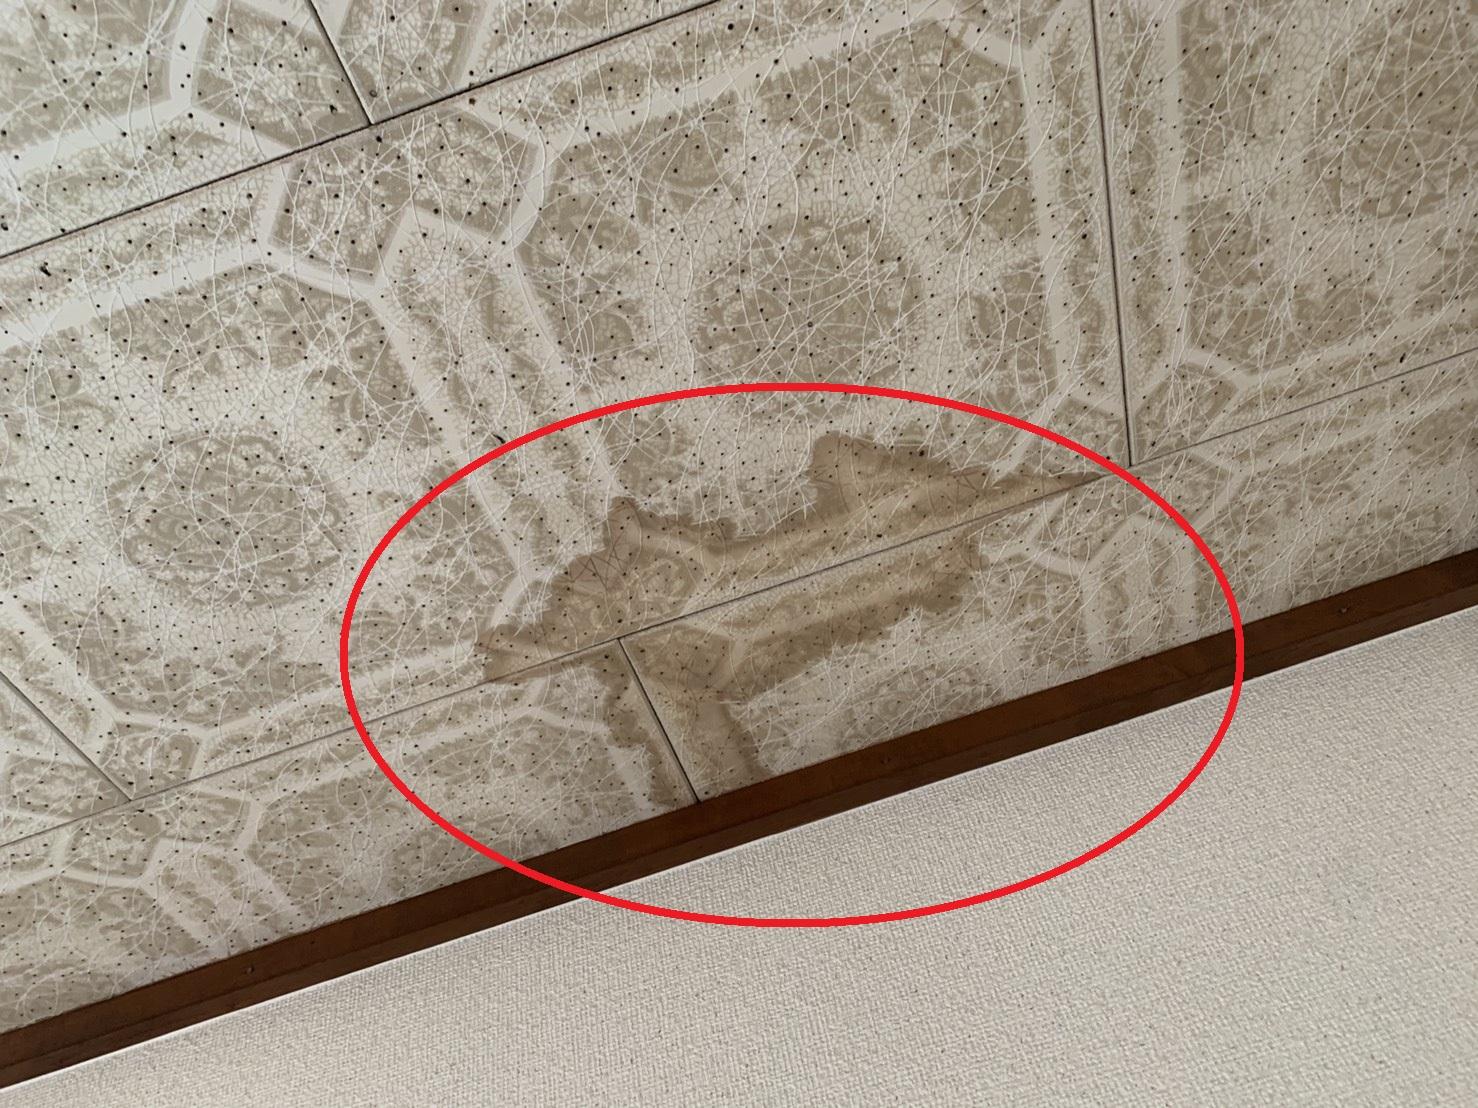 雨漏りで天井にシミが出来ている様子